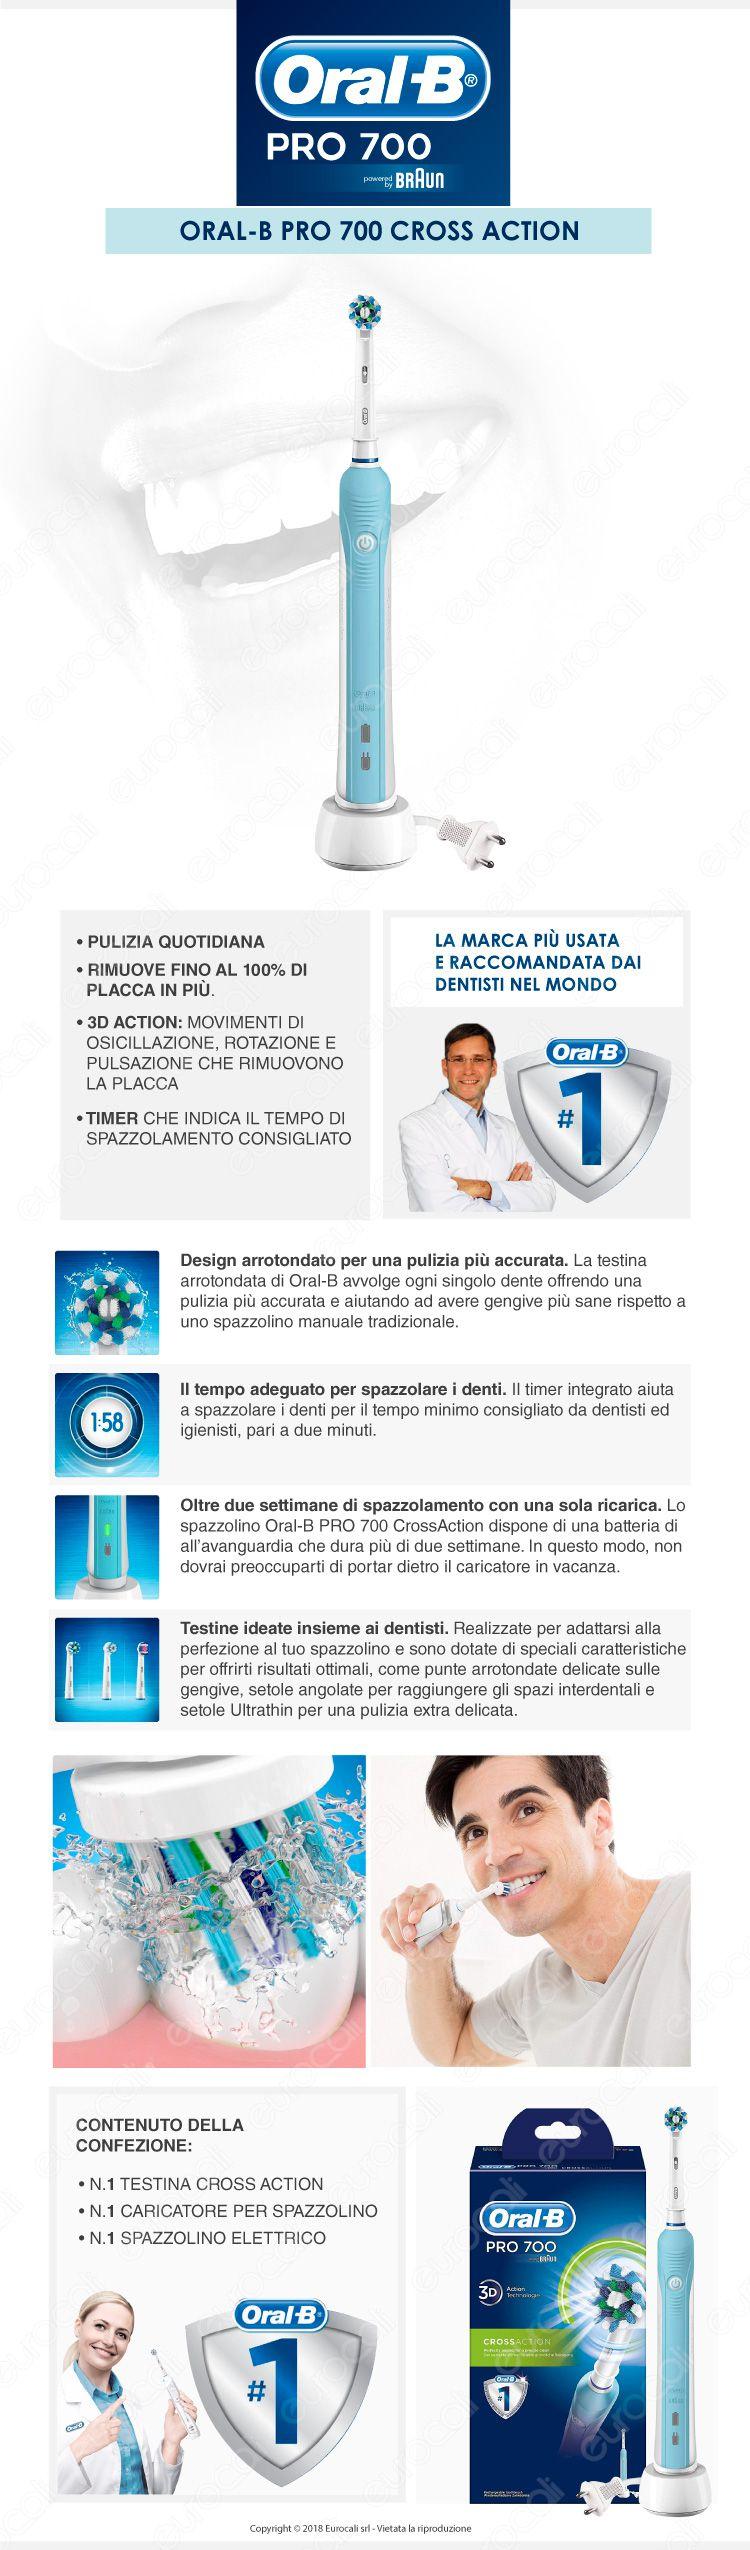 Oral-B Spazzolino Elettrico PRO 700